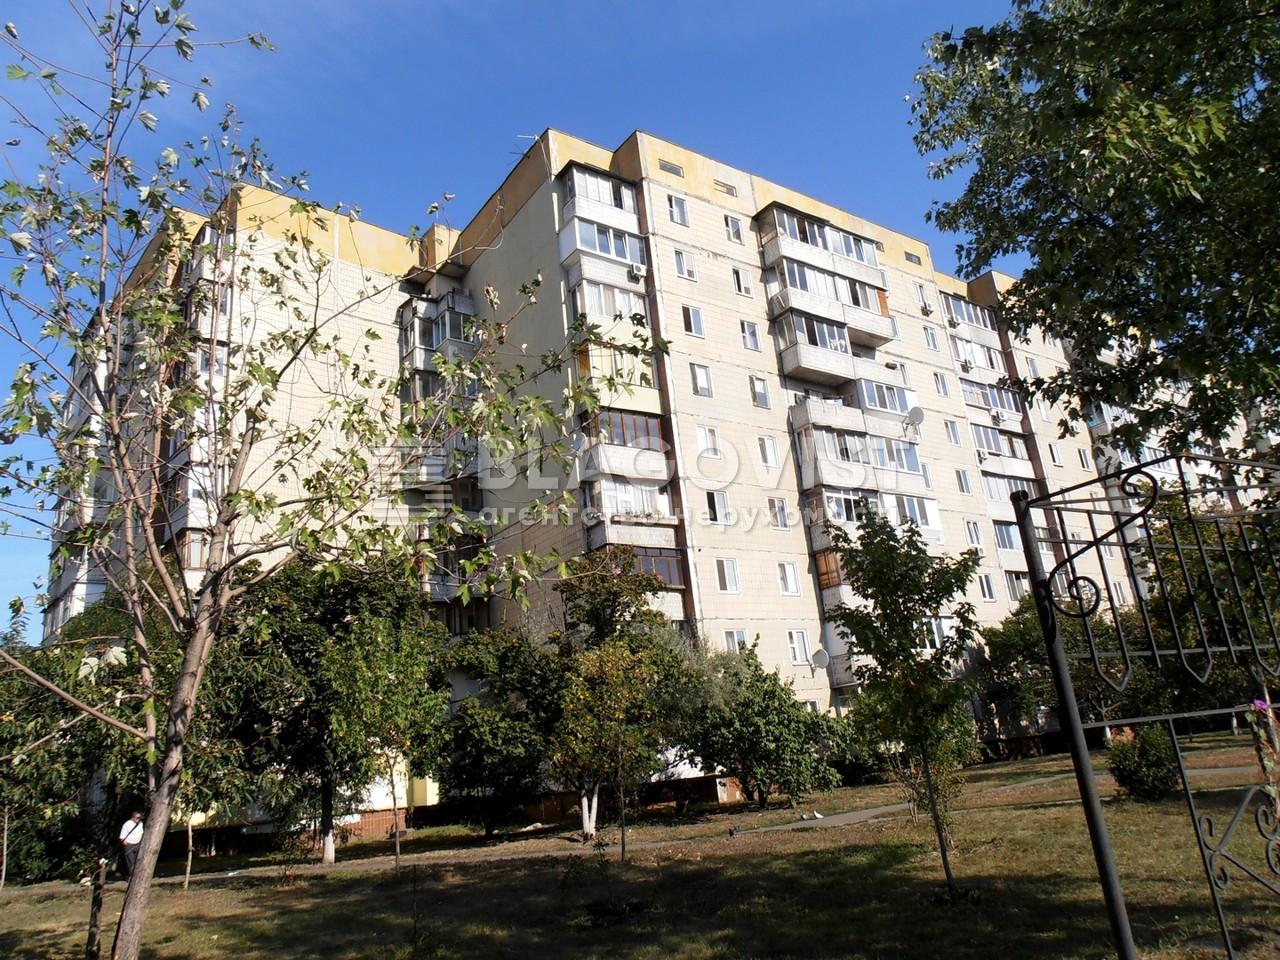 Квартира R-40929, Маяковского Владимира просп., 53, Киев - Фото 2